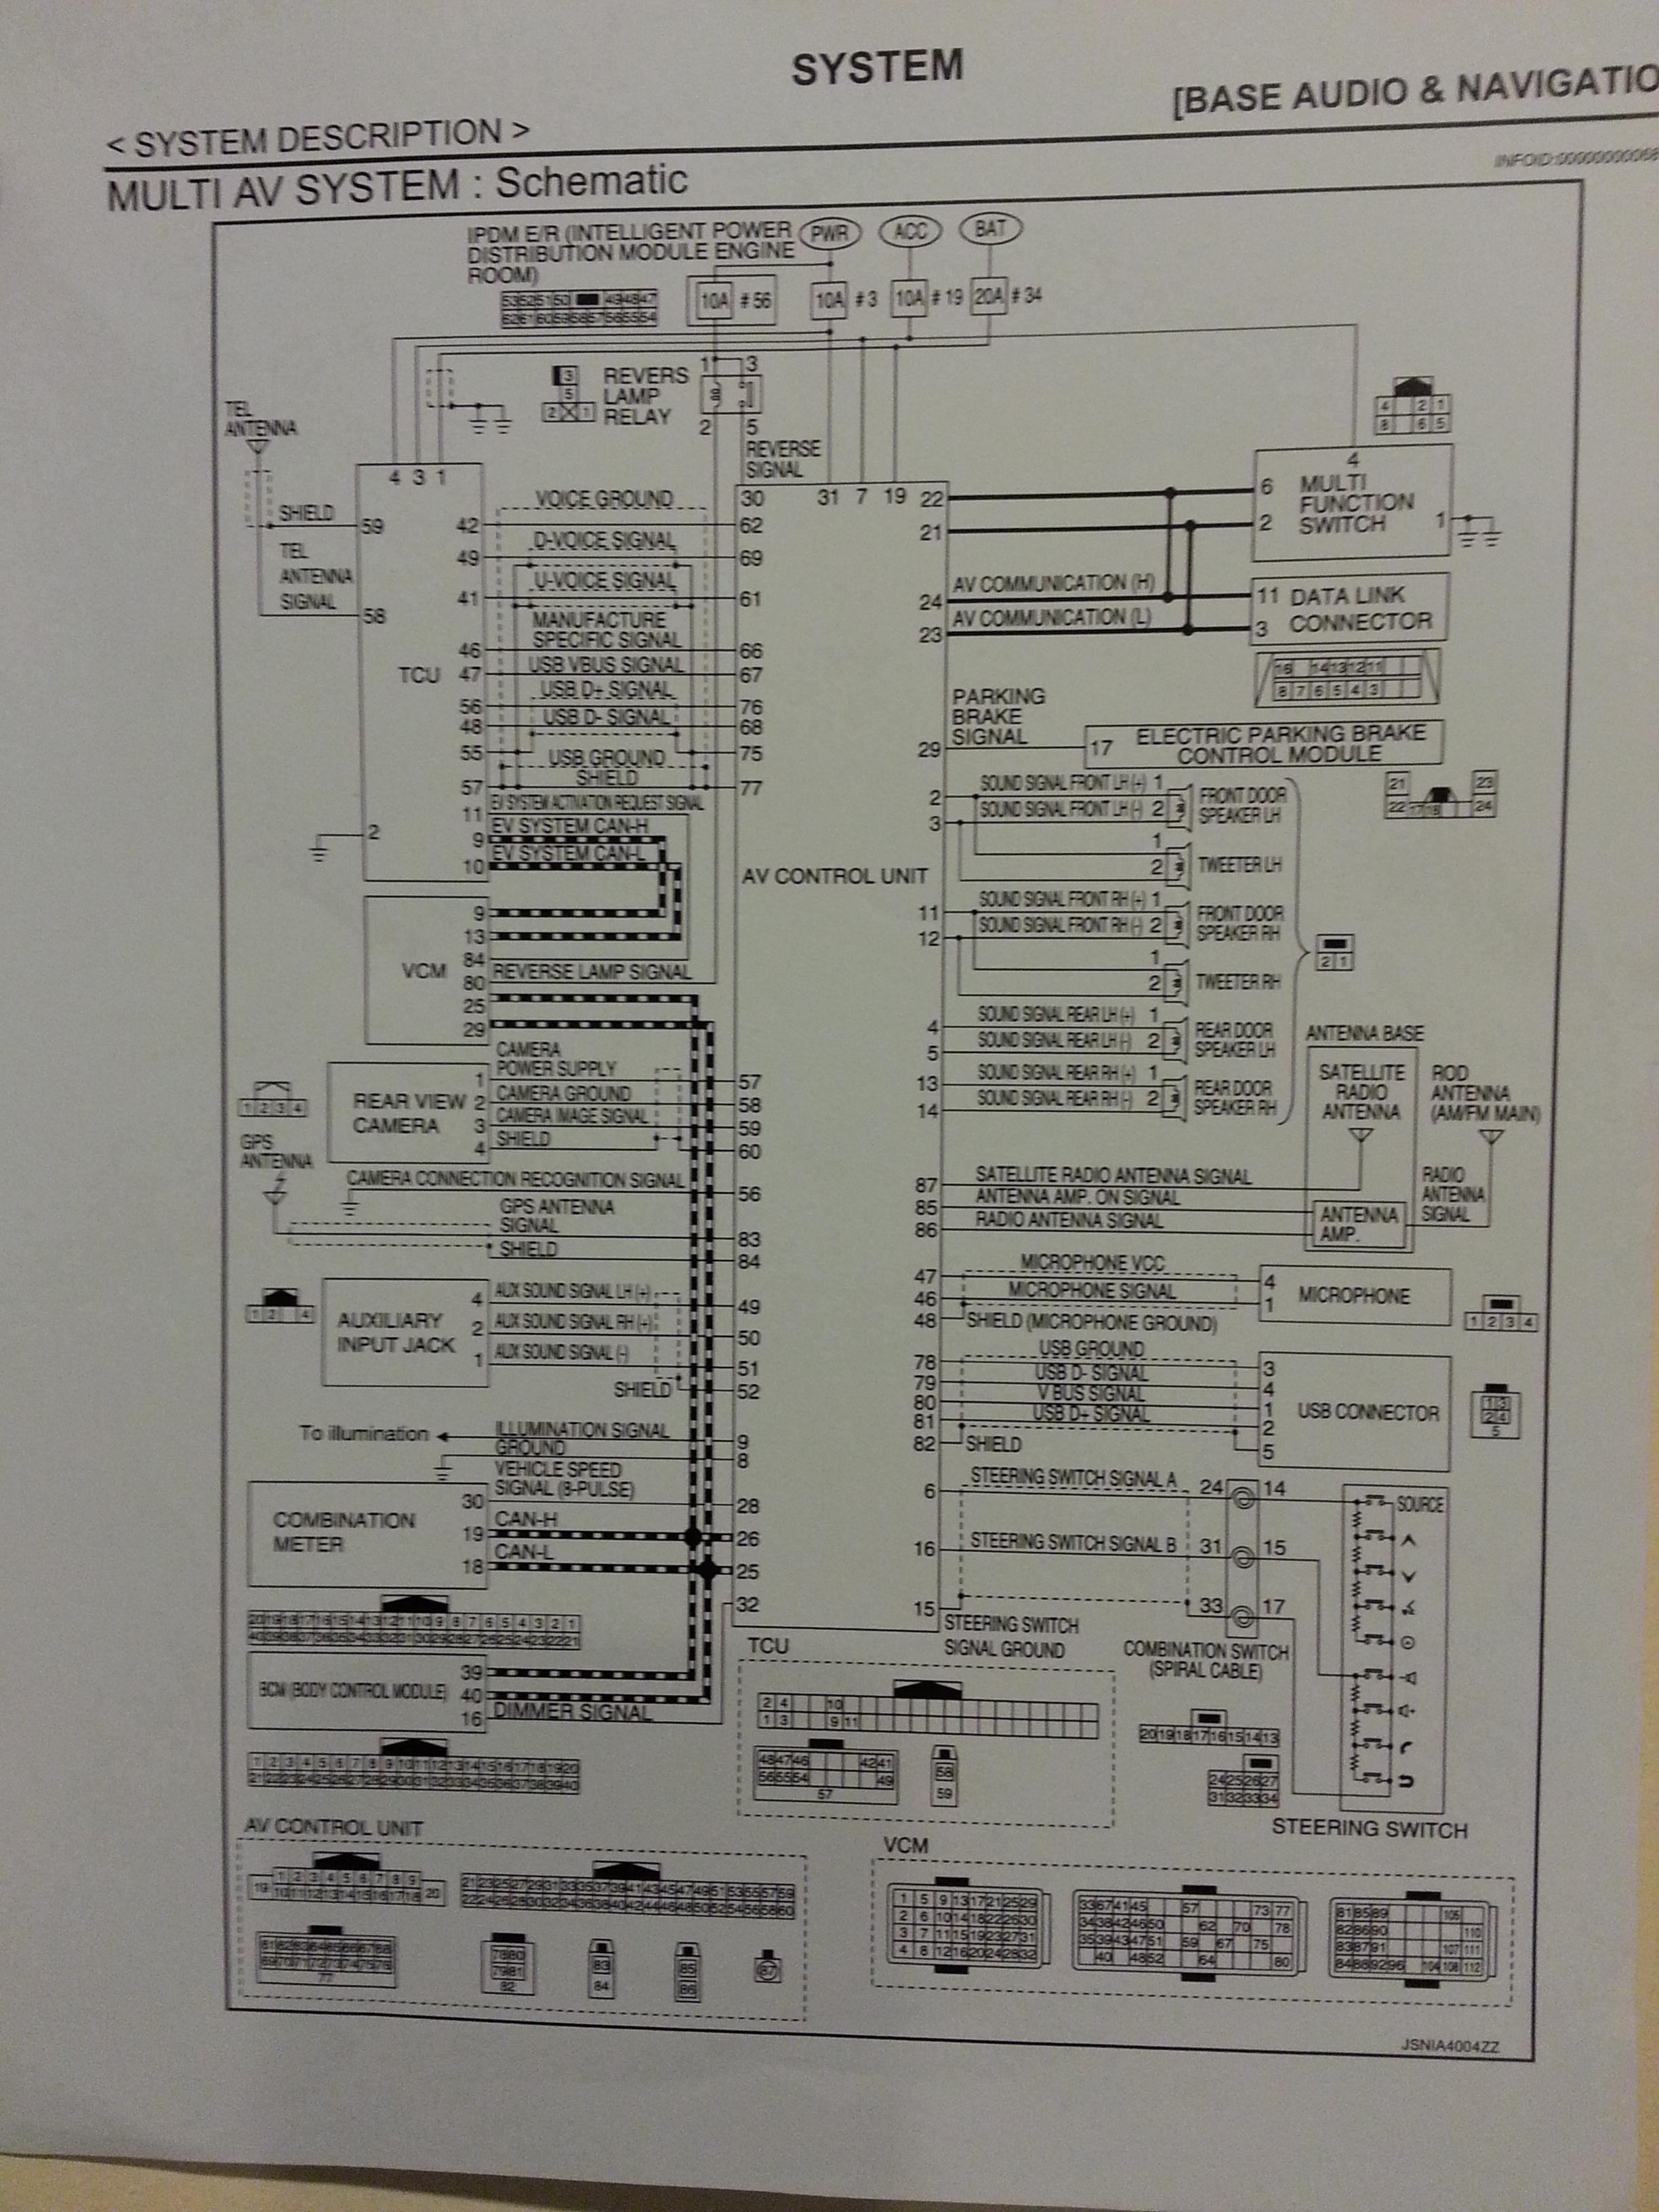 Nissan Leaf - Страница 11 - Гибридные и электромобили - Форум